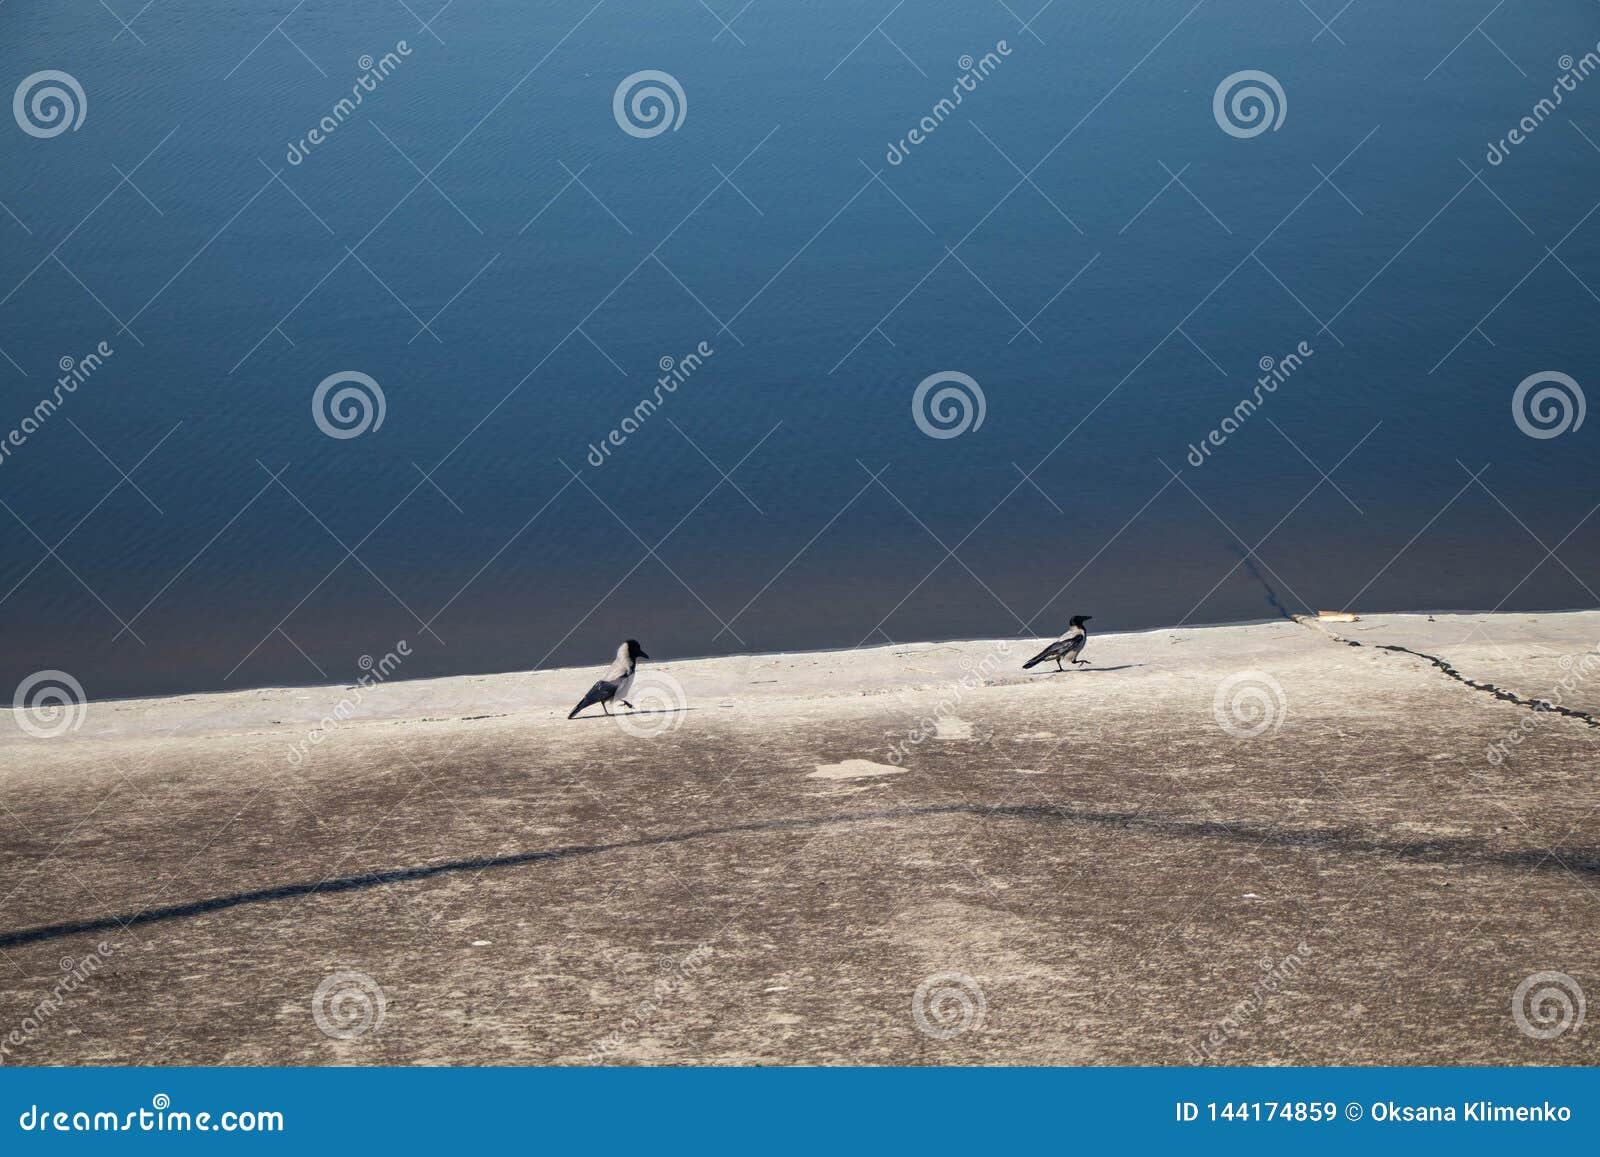 Δύο κίσσες στην ακτή της δεξαμενής πηγαίνουν η μια μετά από την άλλη